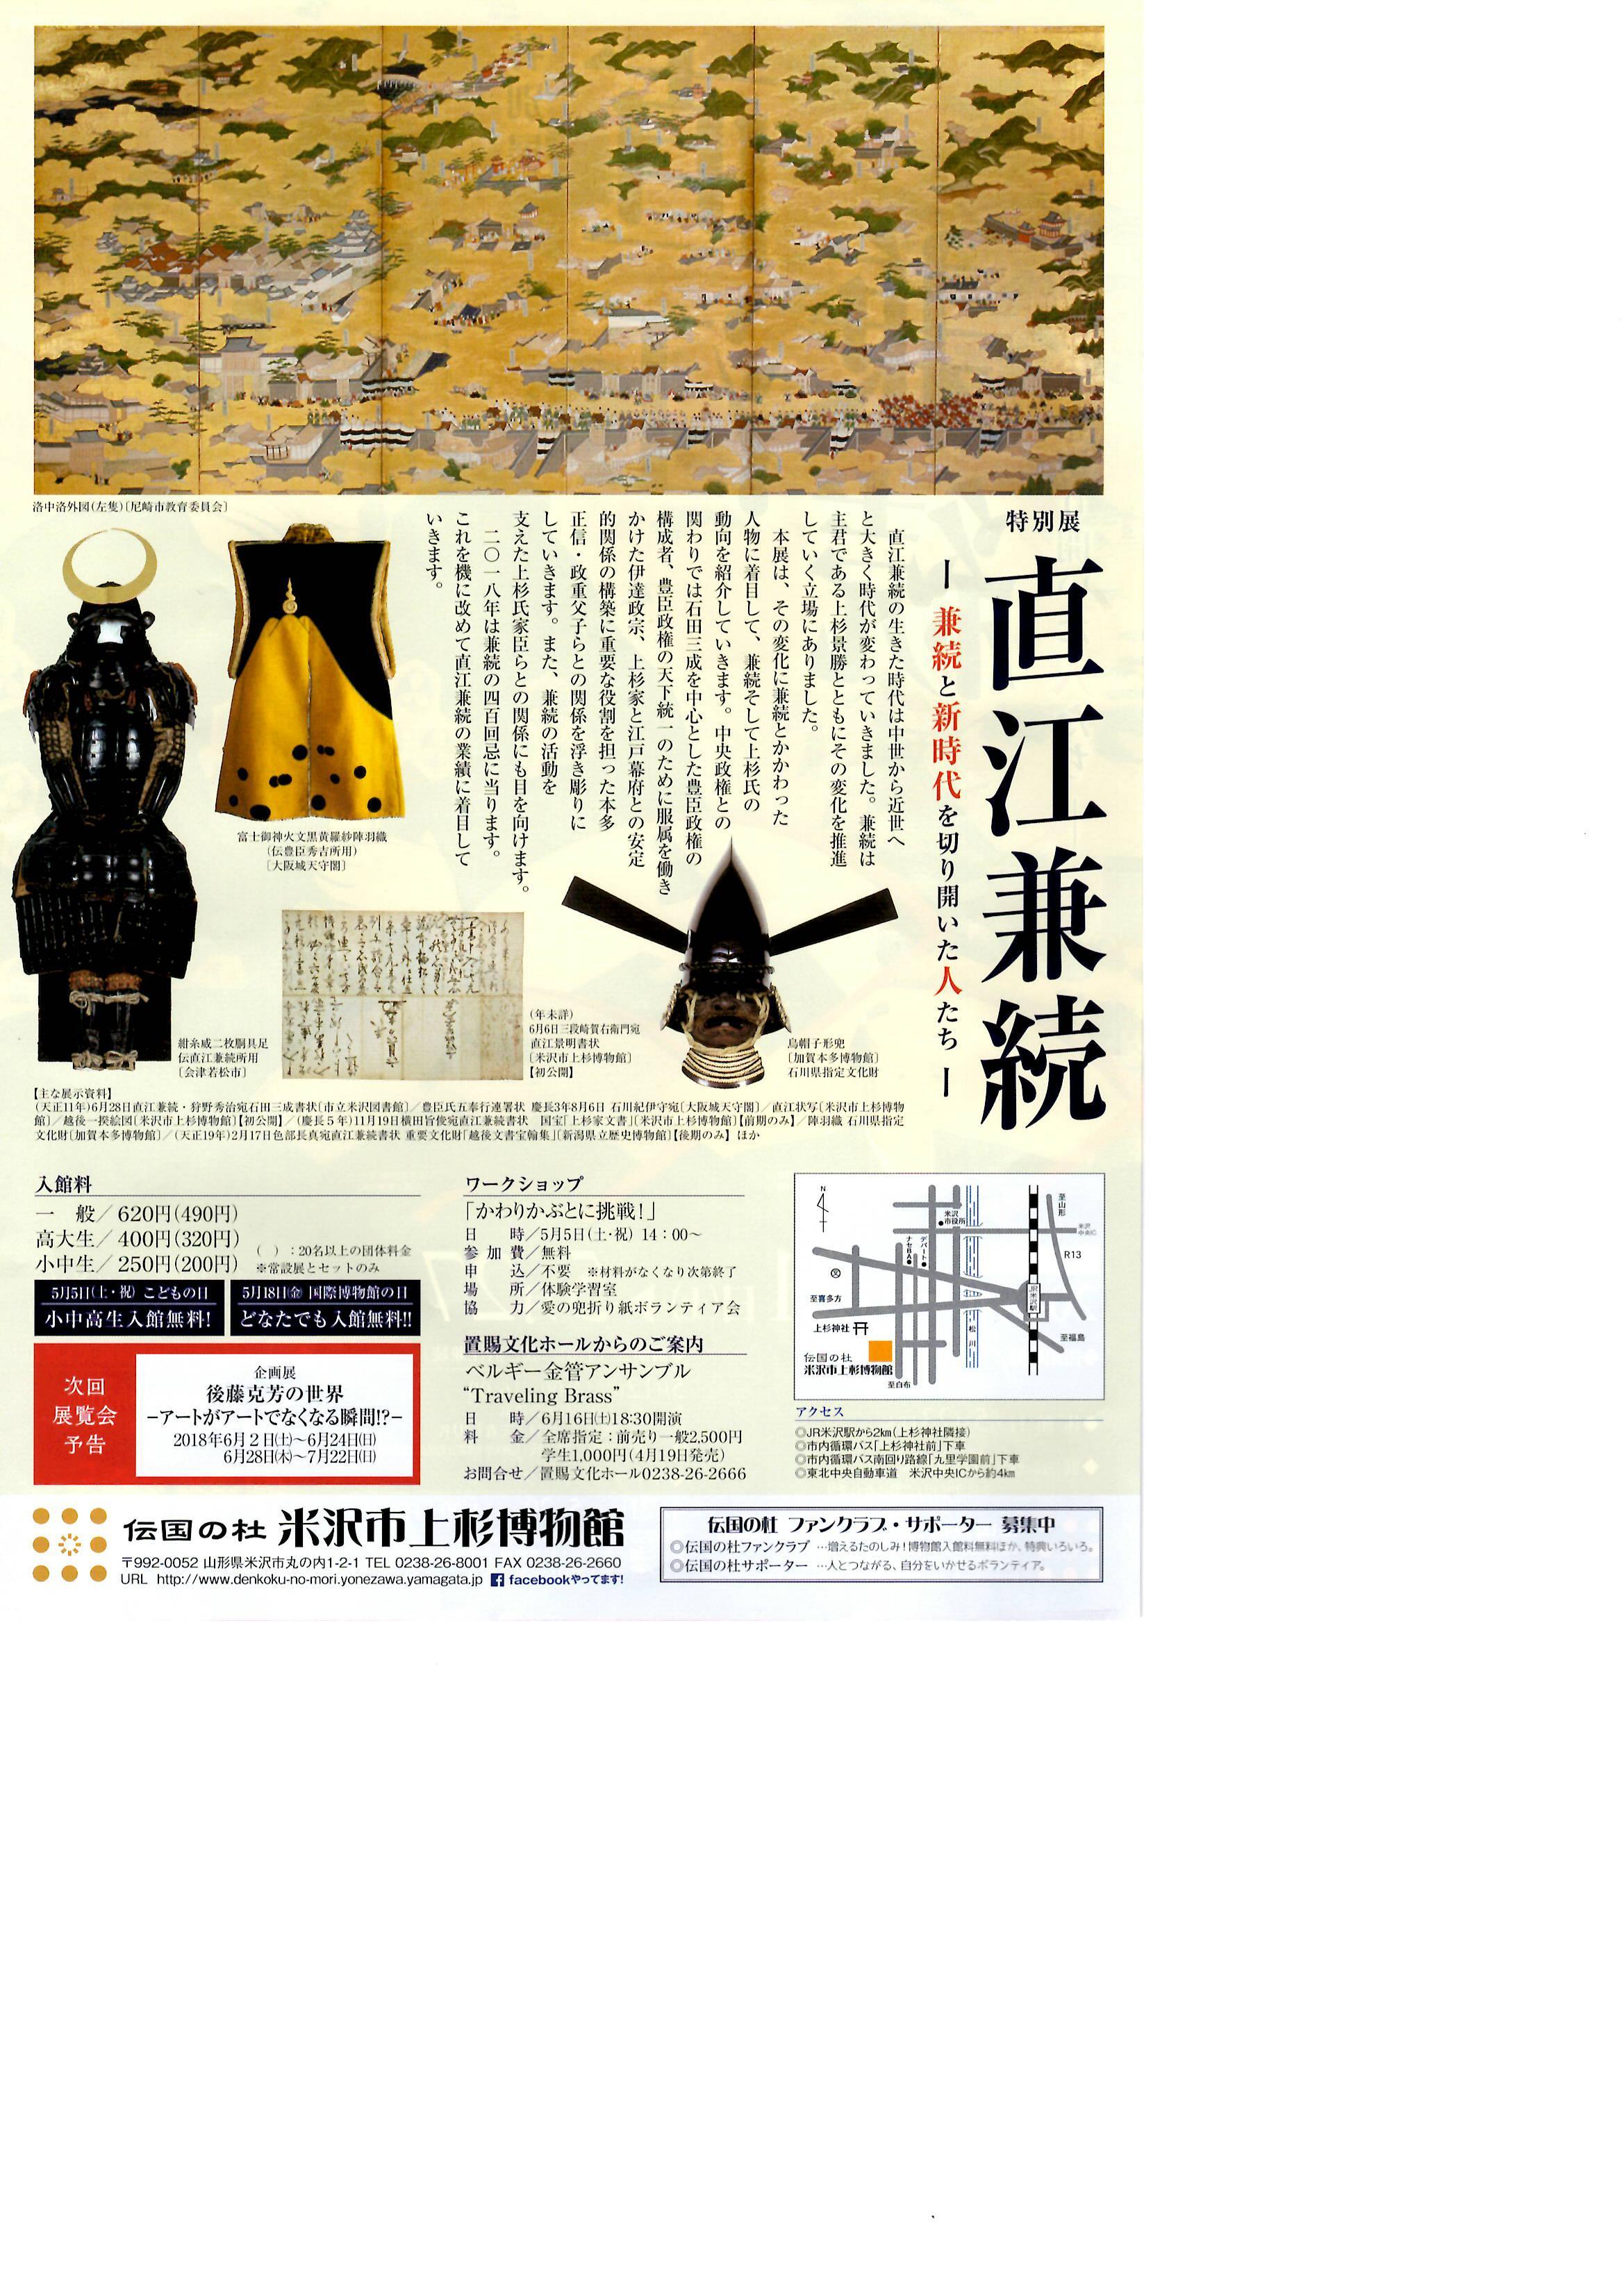 米沢市上杉博物館 特別展!!